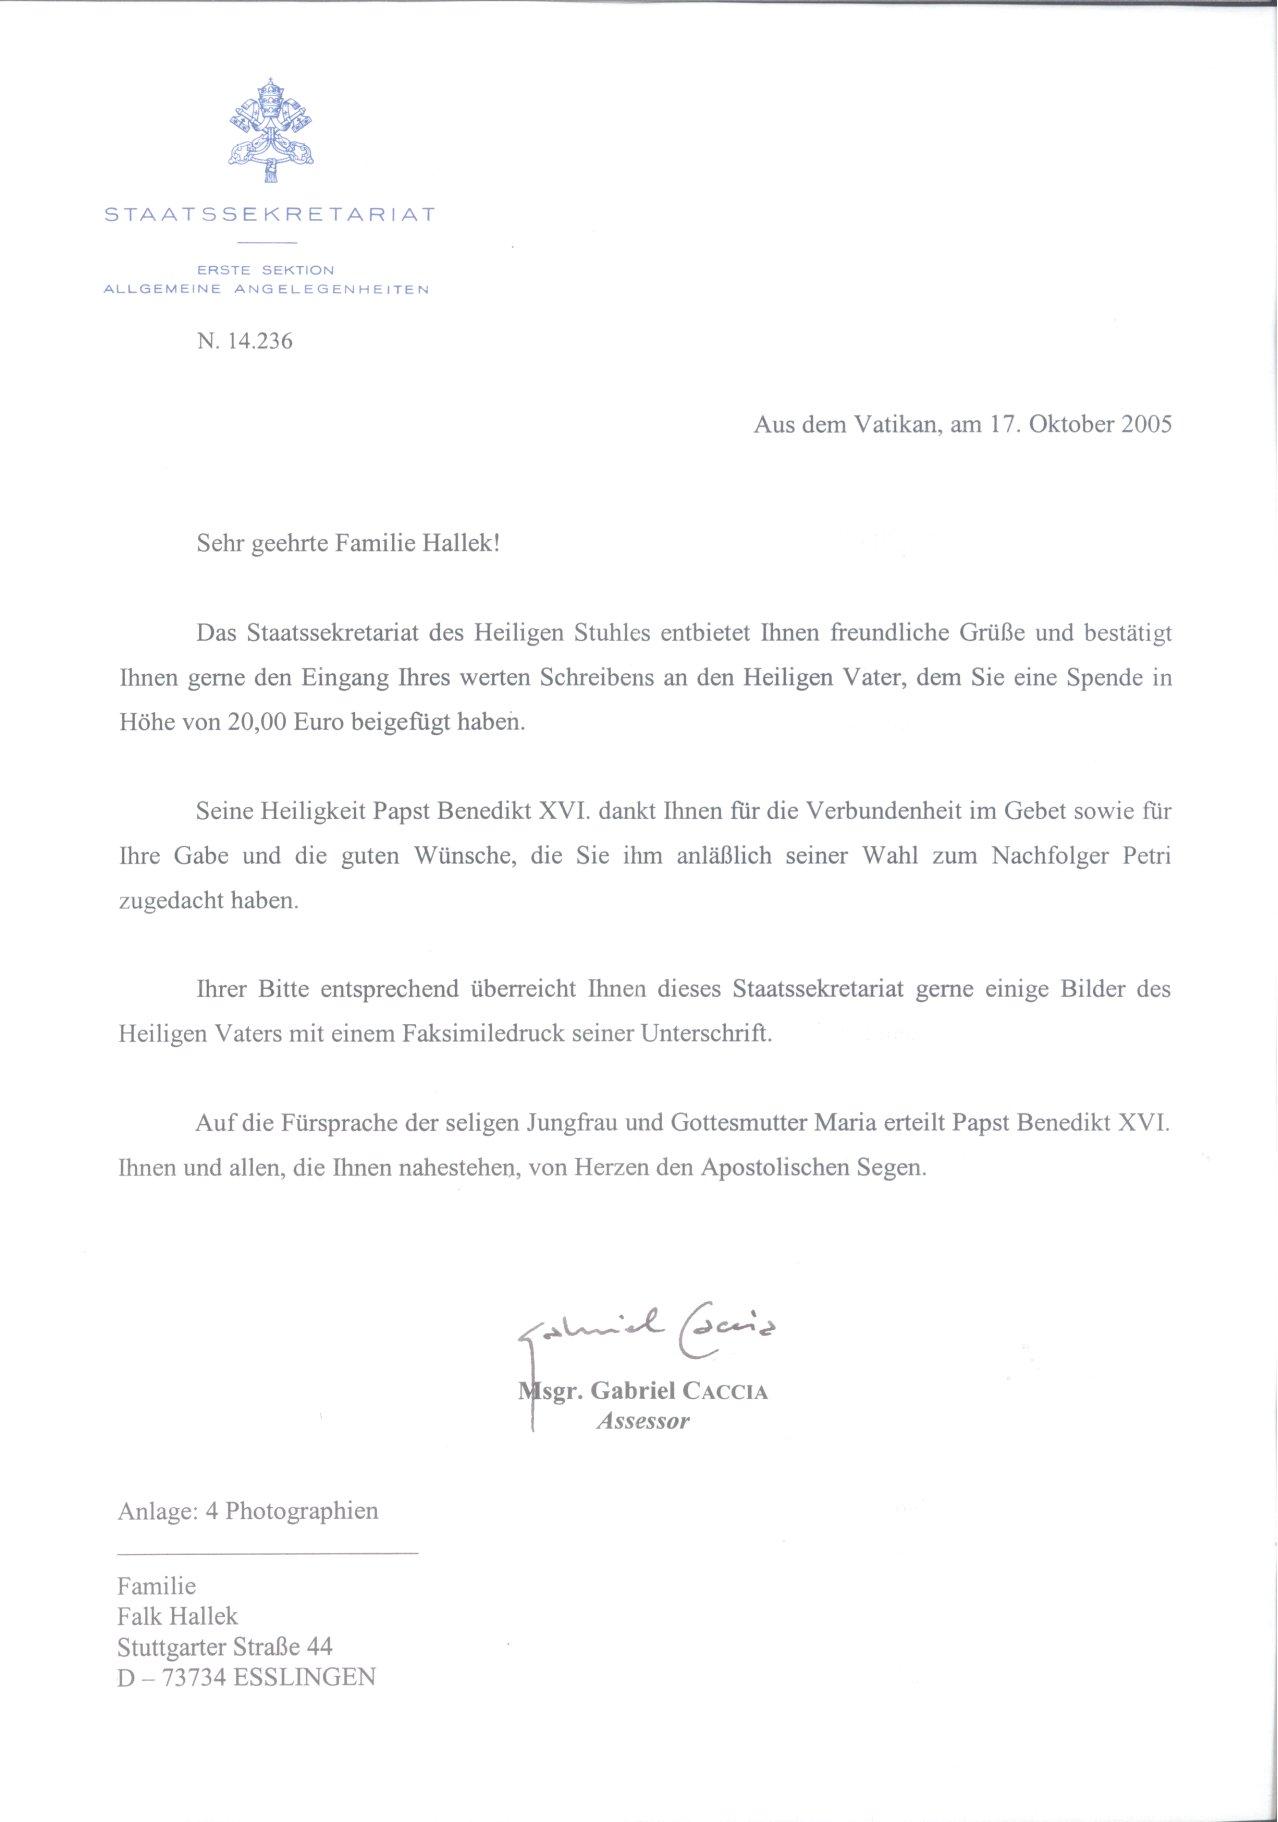 2005 VATIKANSTAAT, Schreiben vom STAATSSEKRETARIAT-1